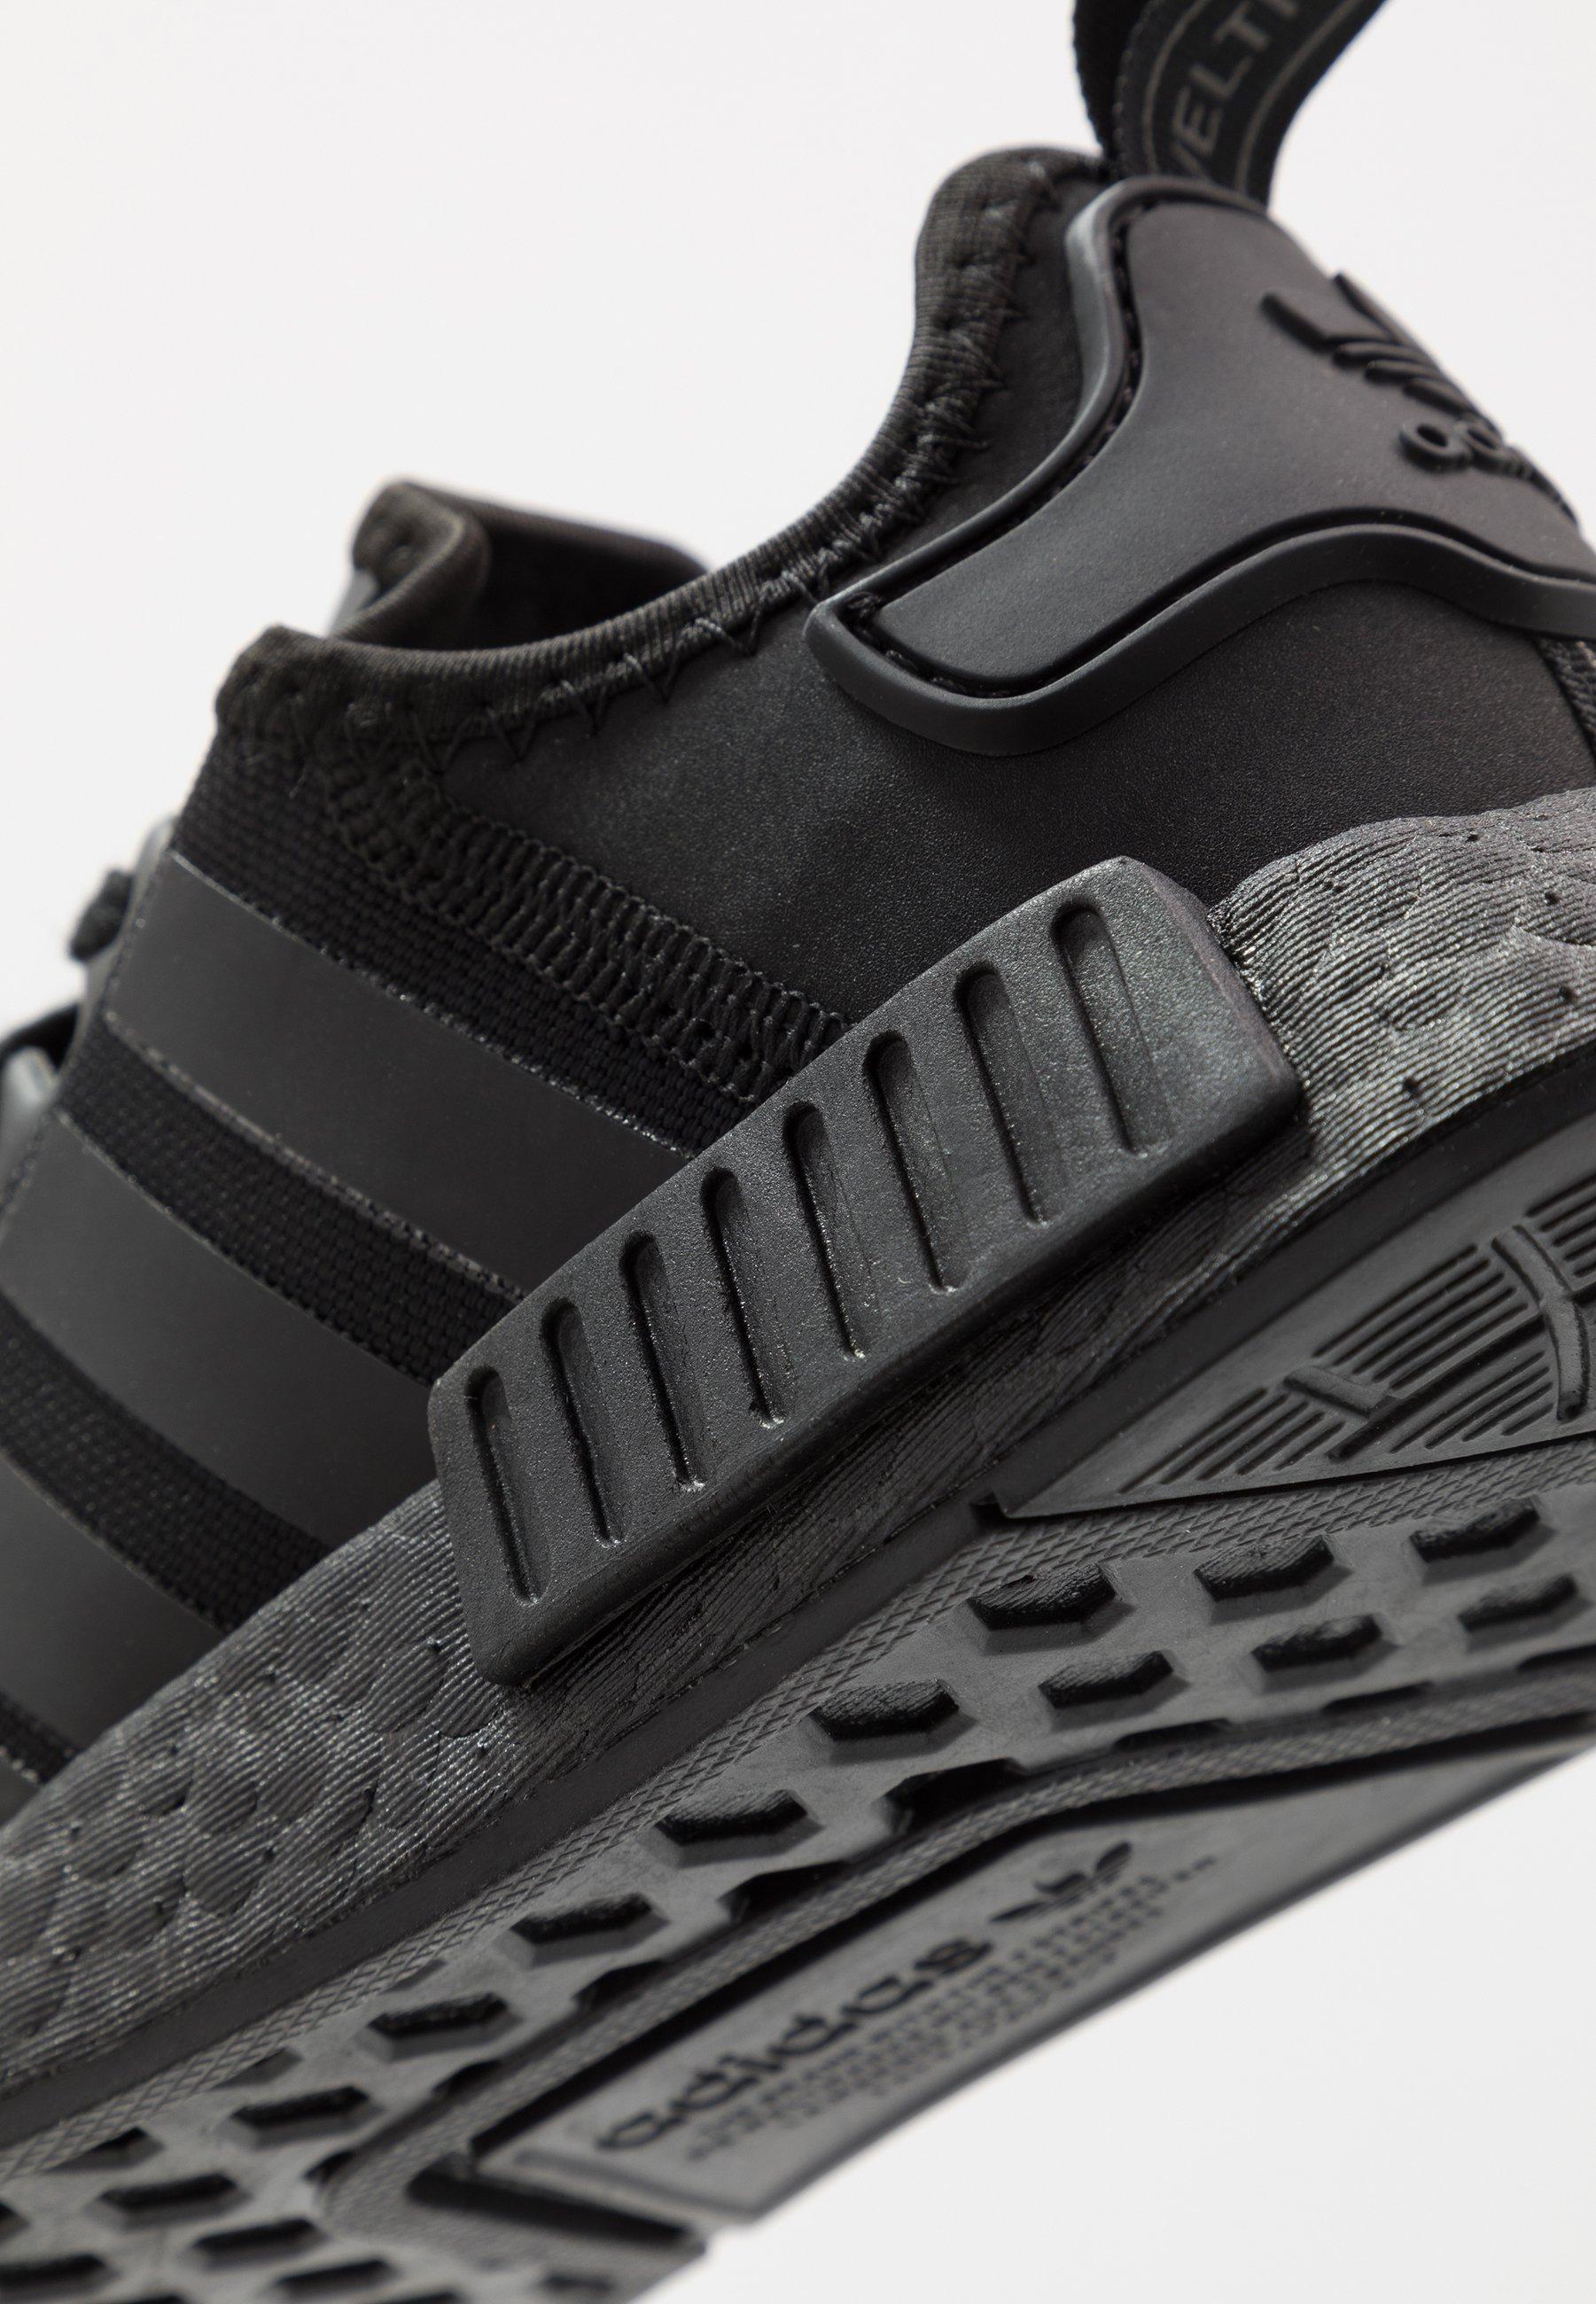 Adidas Originals Nmd R1 - Sneakers Laag Core Black Goedkope Schoenen